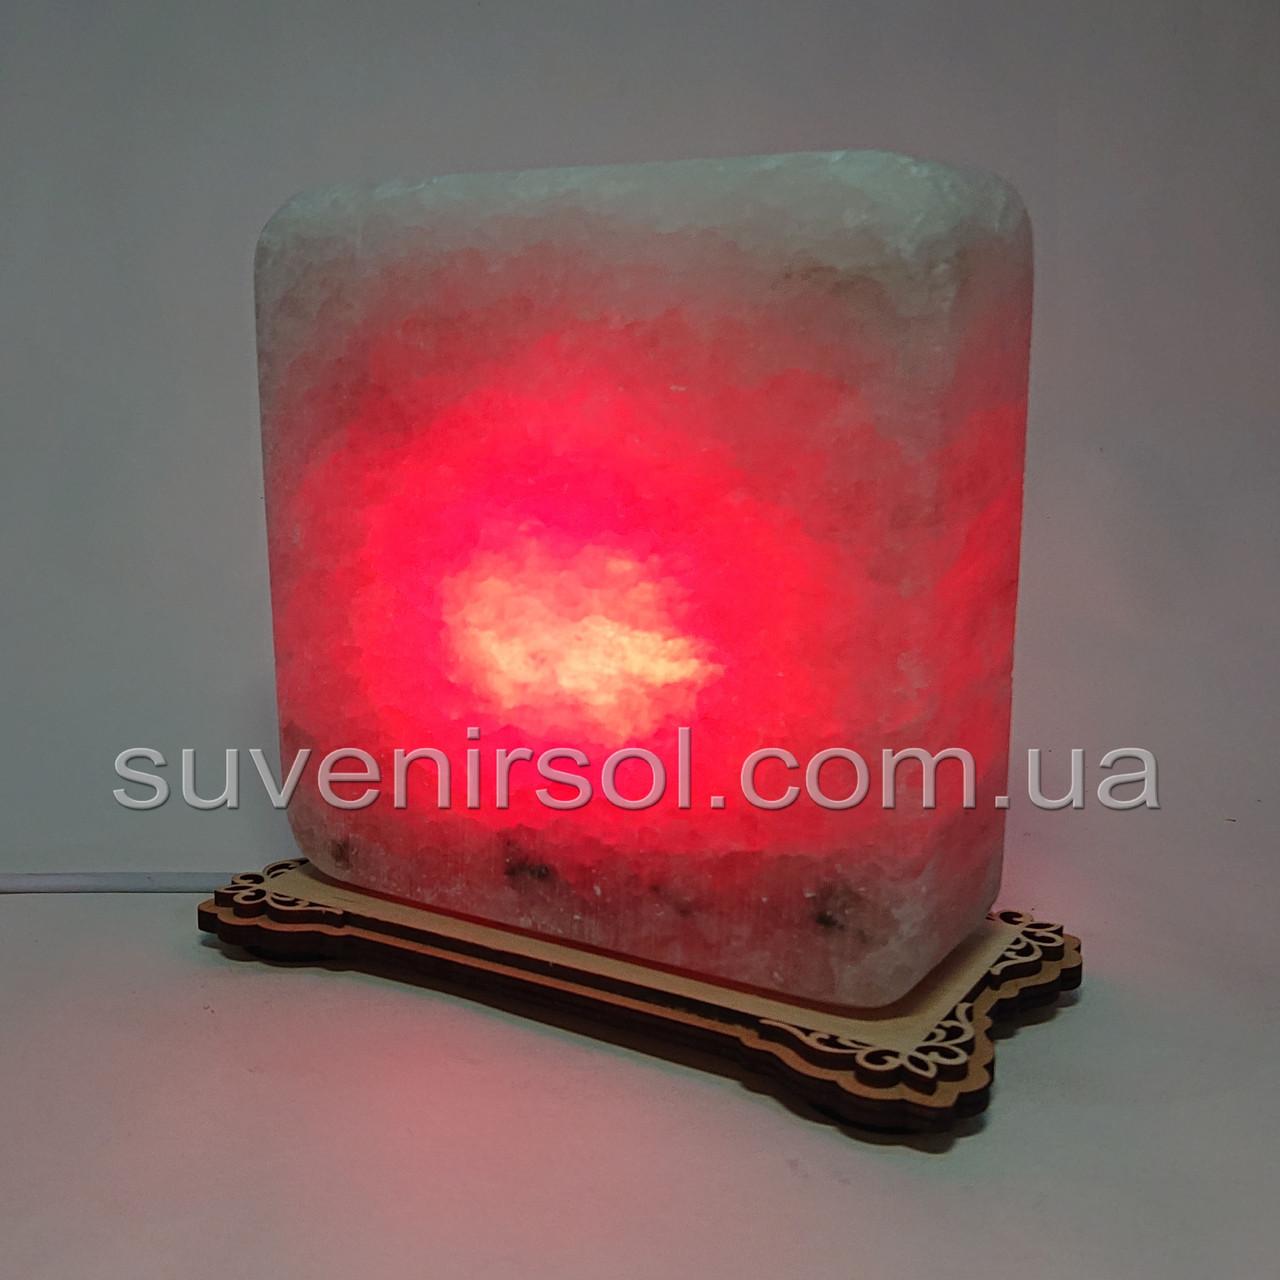 Соляная лампа квадратная